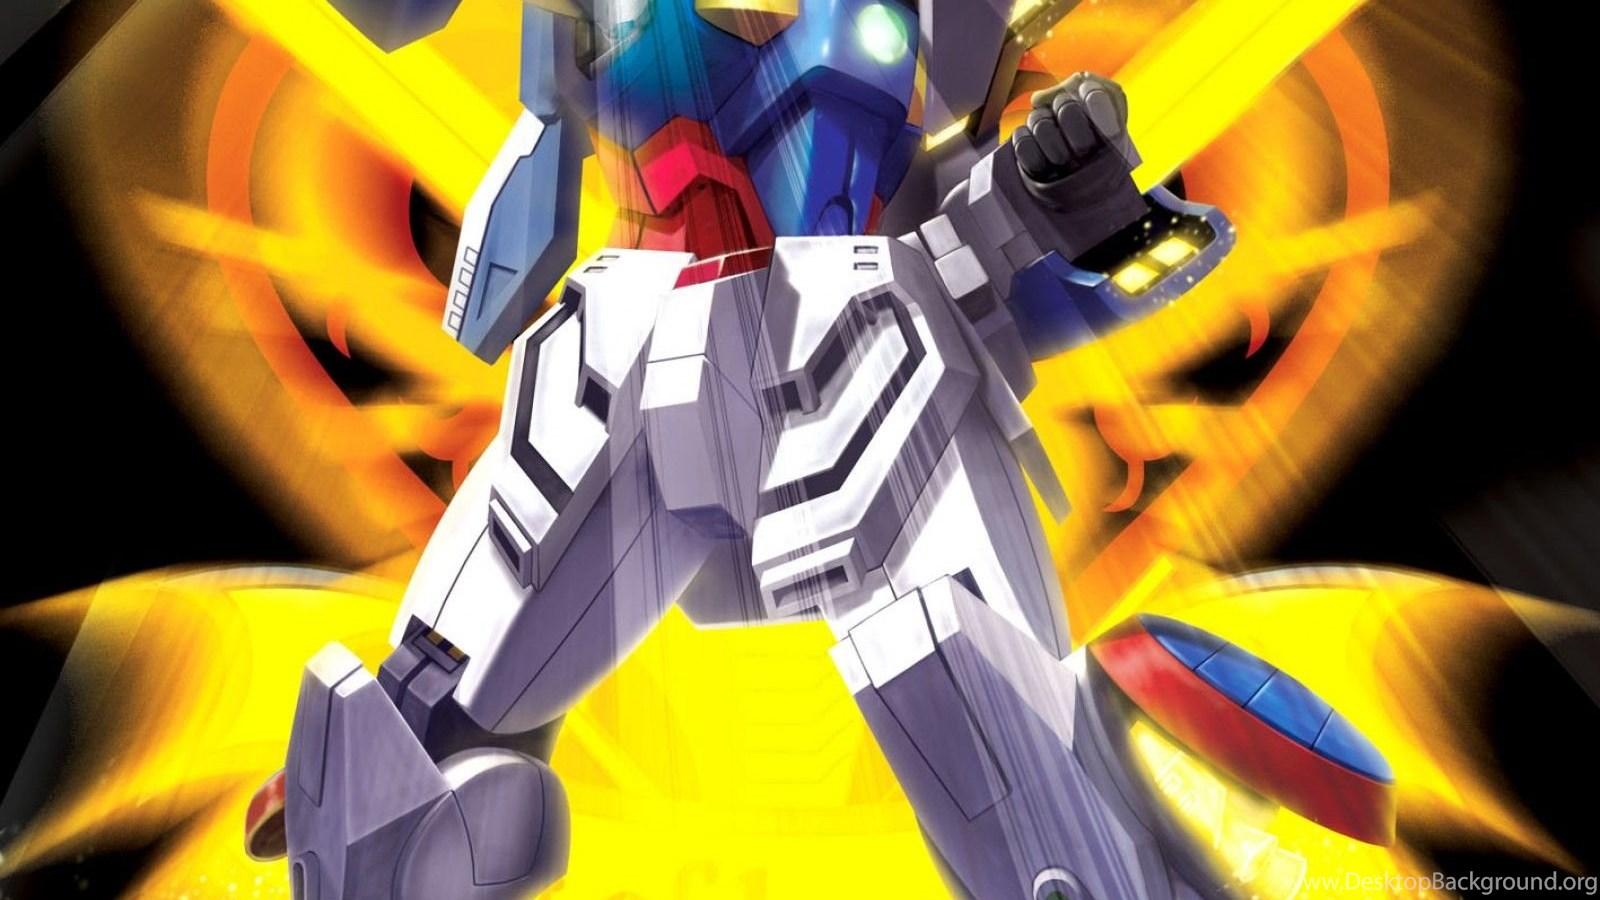 G Gundam Wallpaper Hd For Iphone Cartoon Wallpapers Wallpaper Gundam